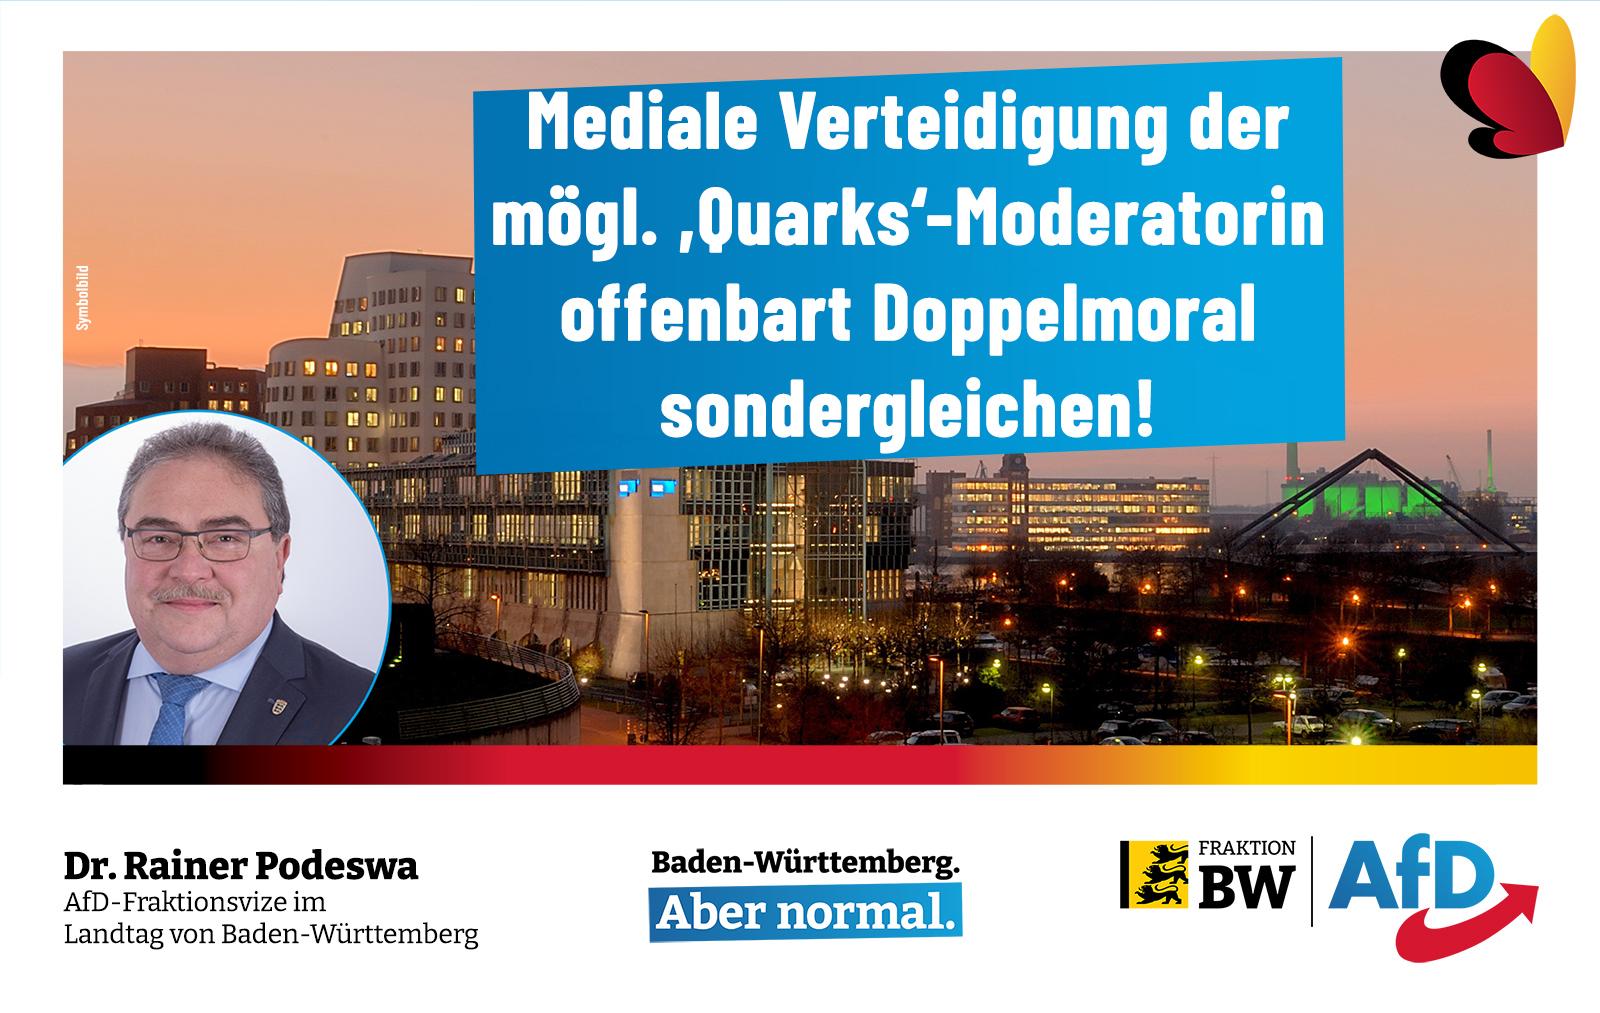 Dr. Rainer Podeswa: WDR hat richtig gehandelt